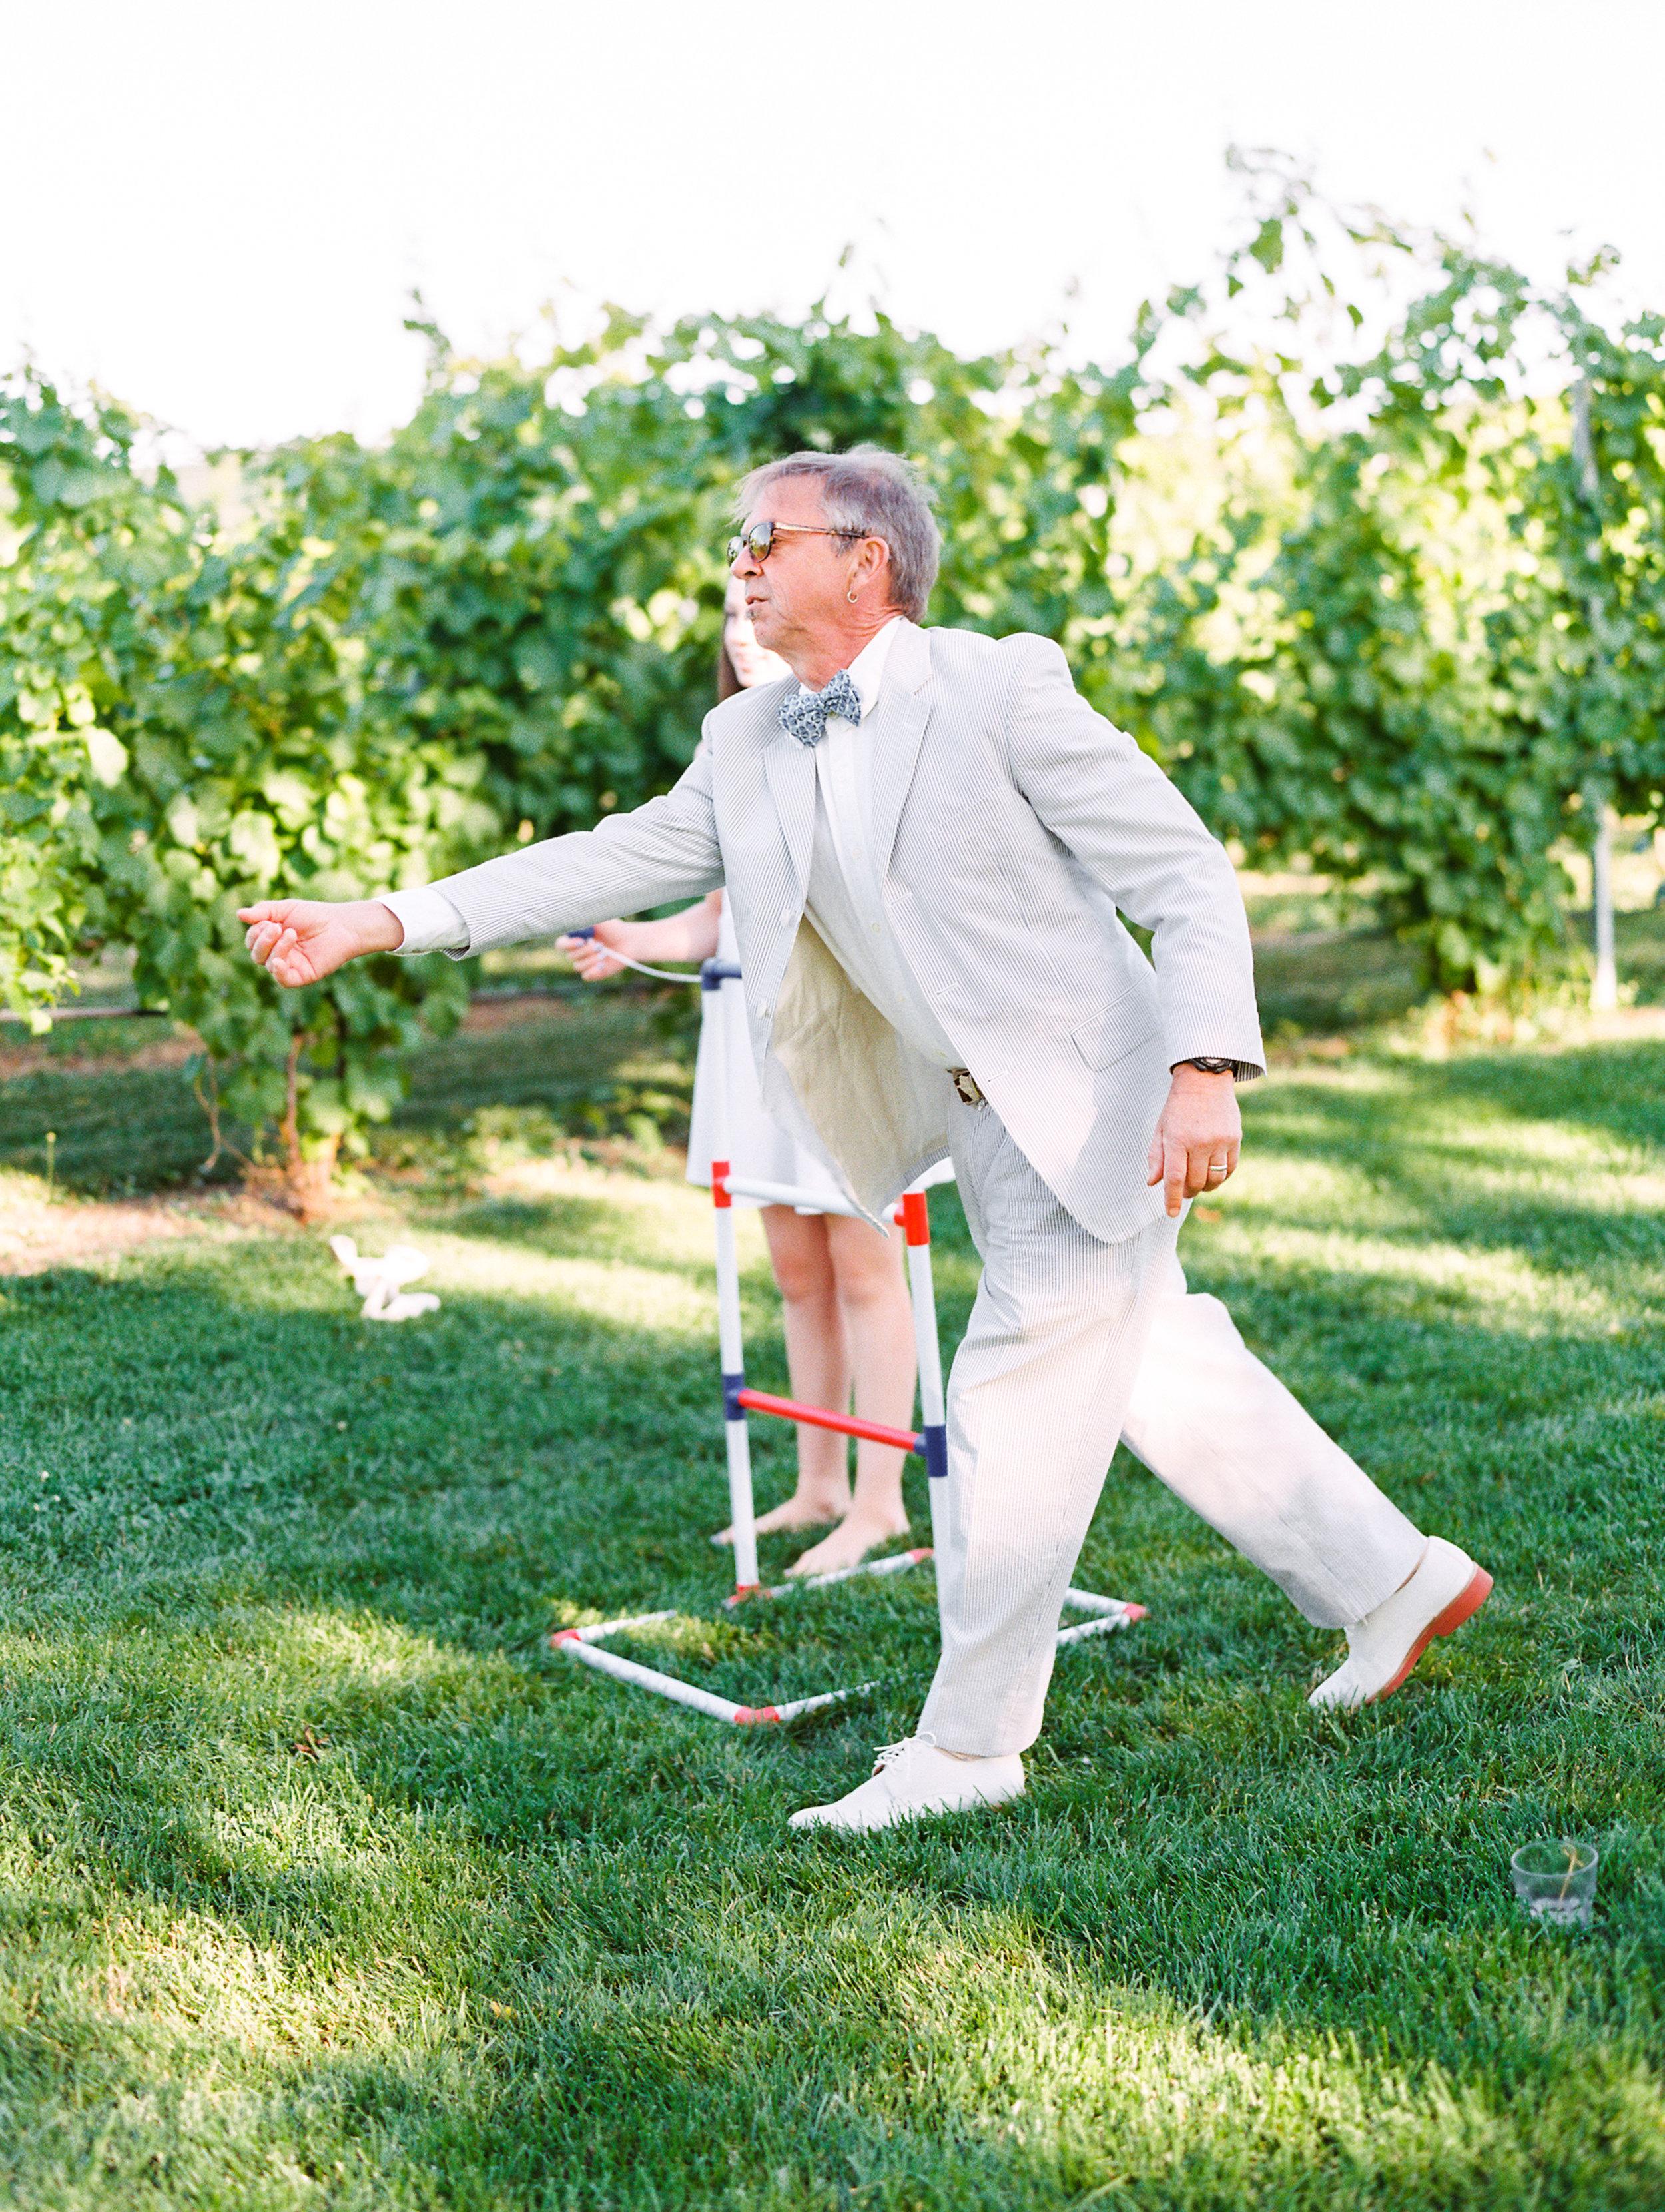 Steinlage+Wedding+Cocktail+Hour-91.jpg